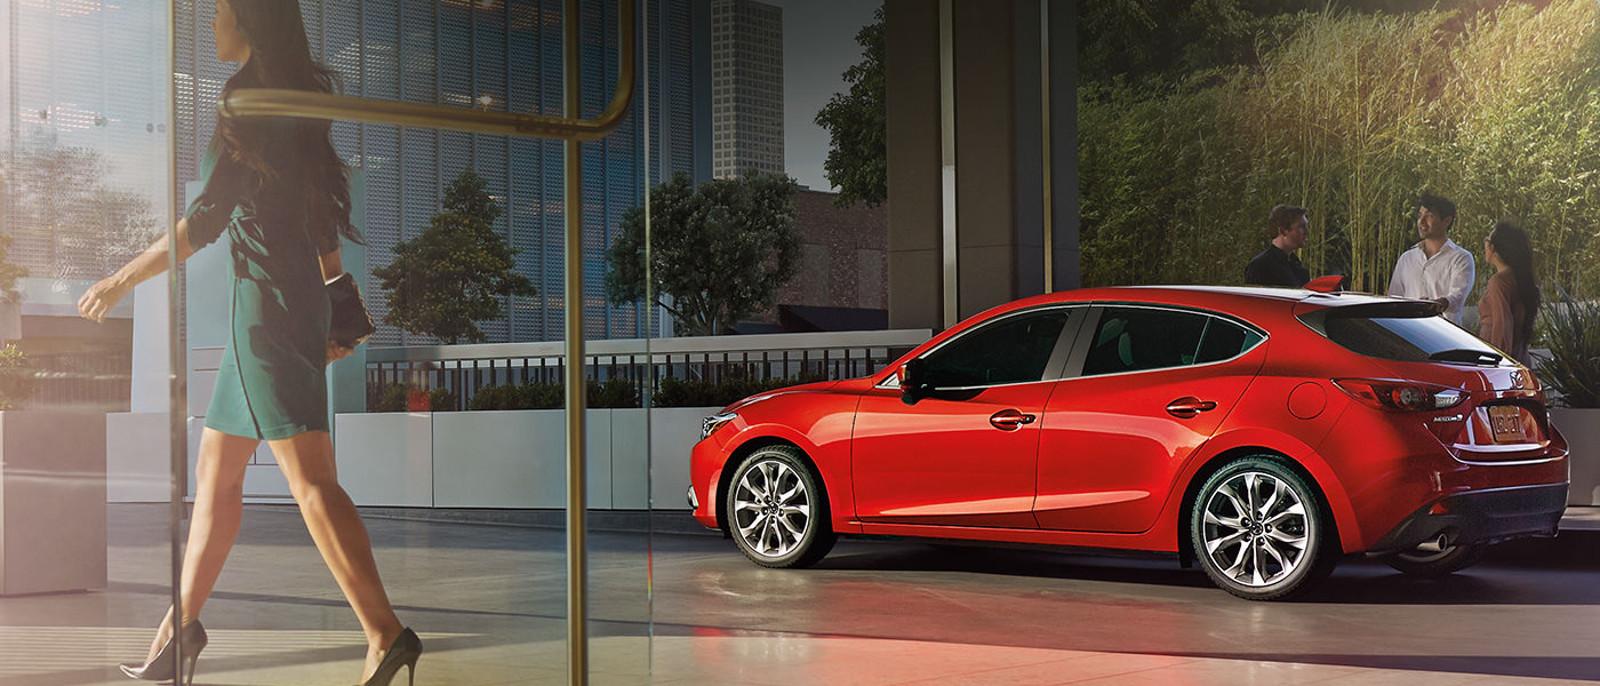 2016-Mazda3-5-Door